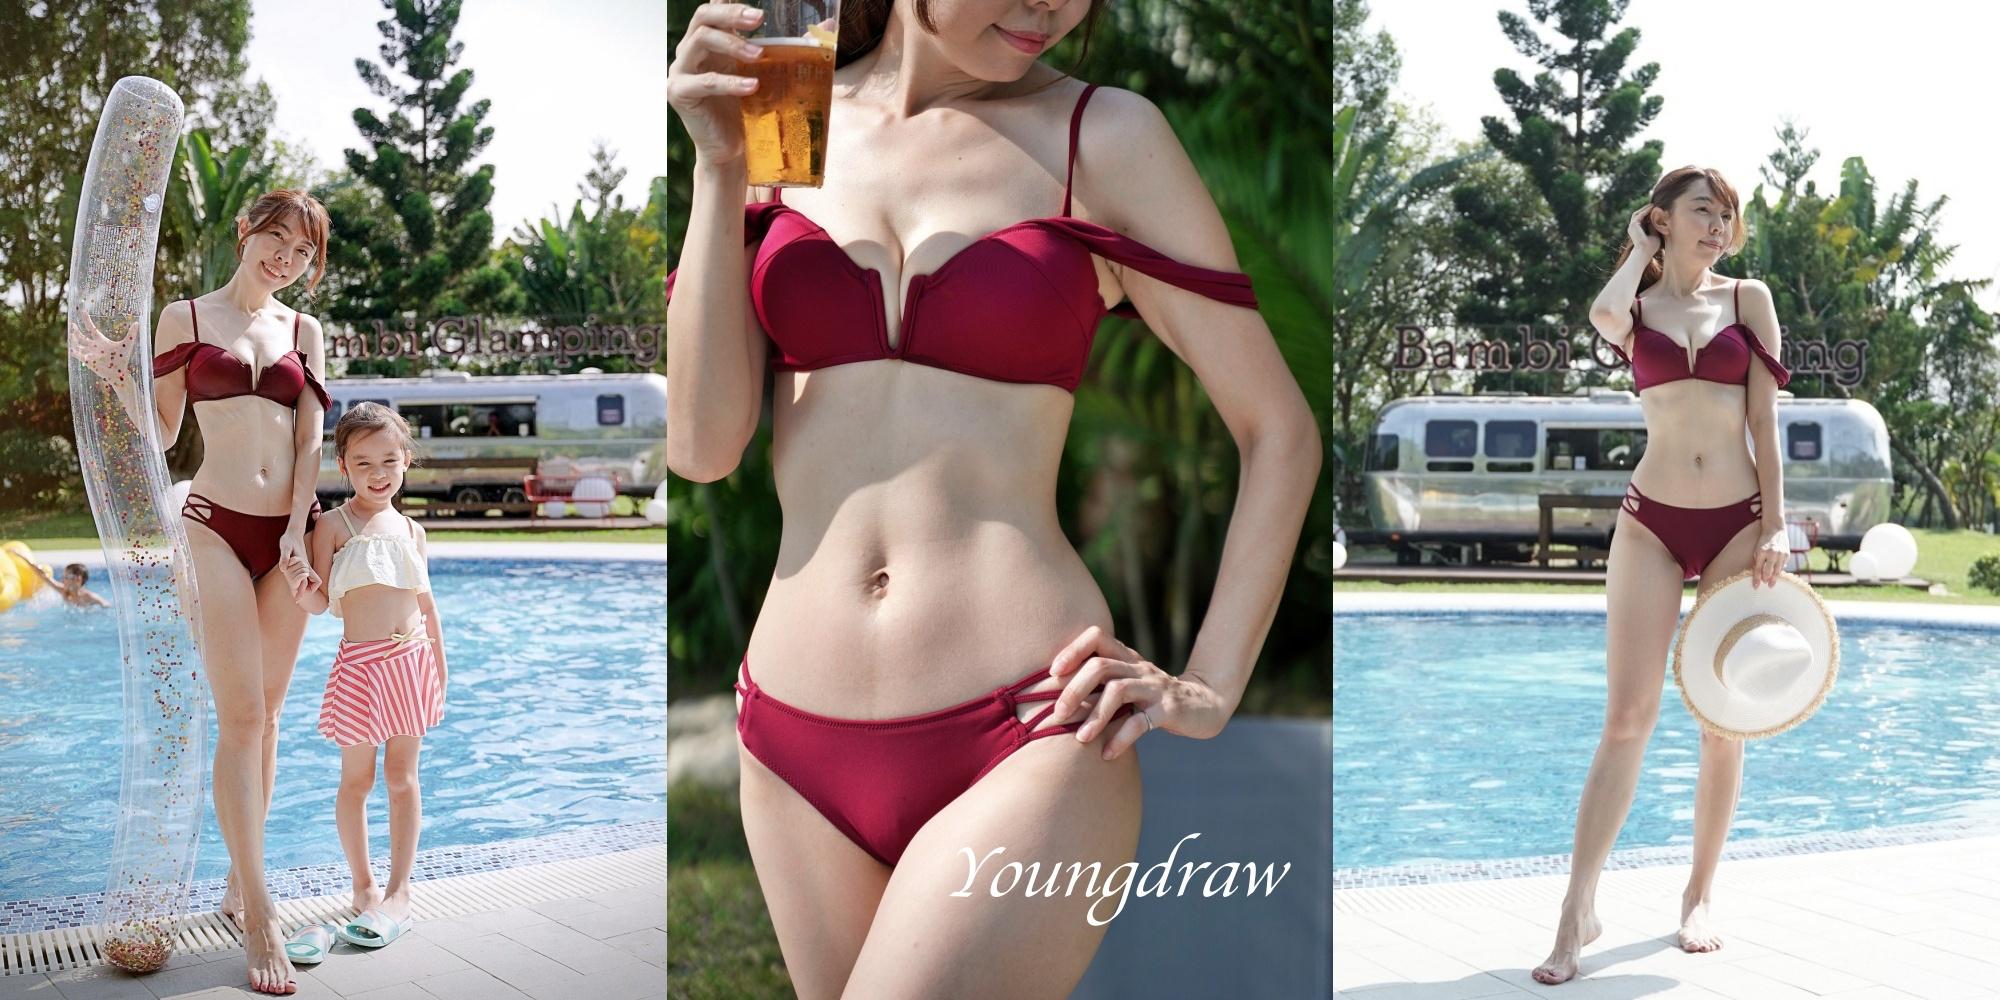 日本原裝漾著泳裝Youngdraw|媽媽們的漂亮泳裝|加入會員享折扣碼100元優惠溫泉季買起來